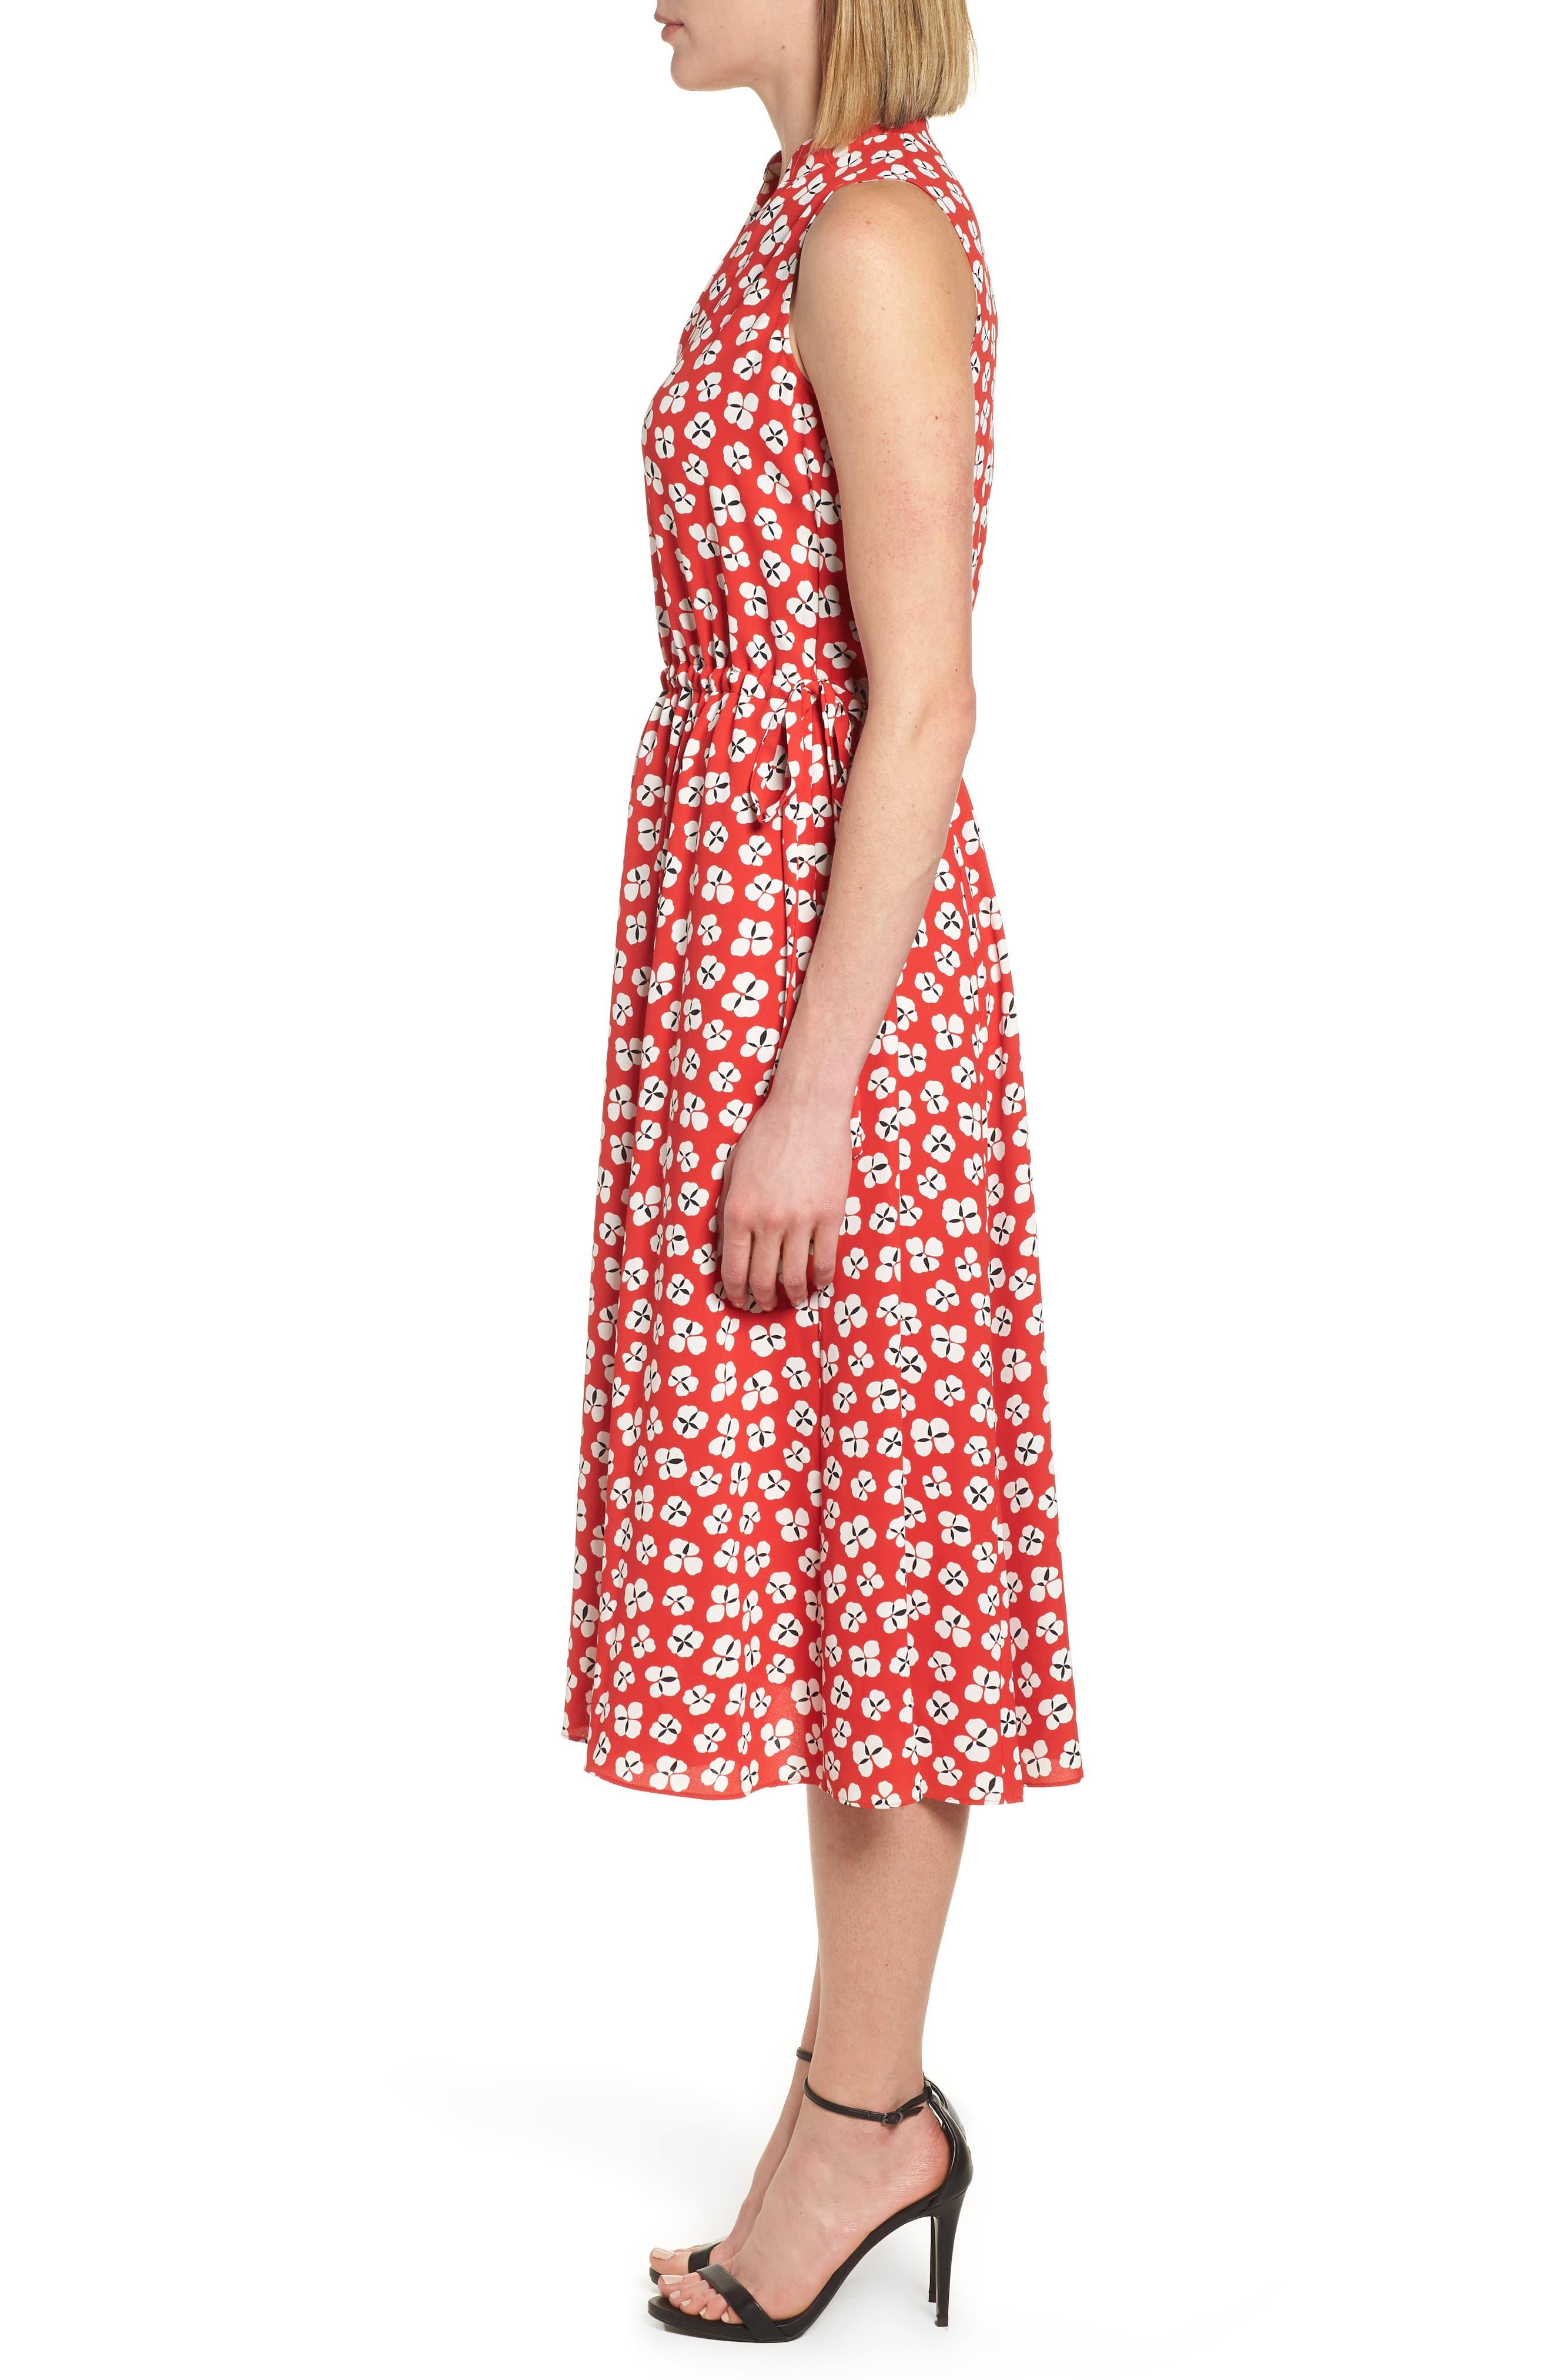 Zuma Petal Drawstring Midi Dress,                             Alternate thumbnail 3, color,                             Tomato/ Parchment Combo